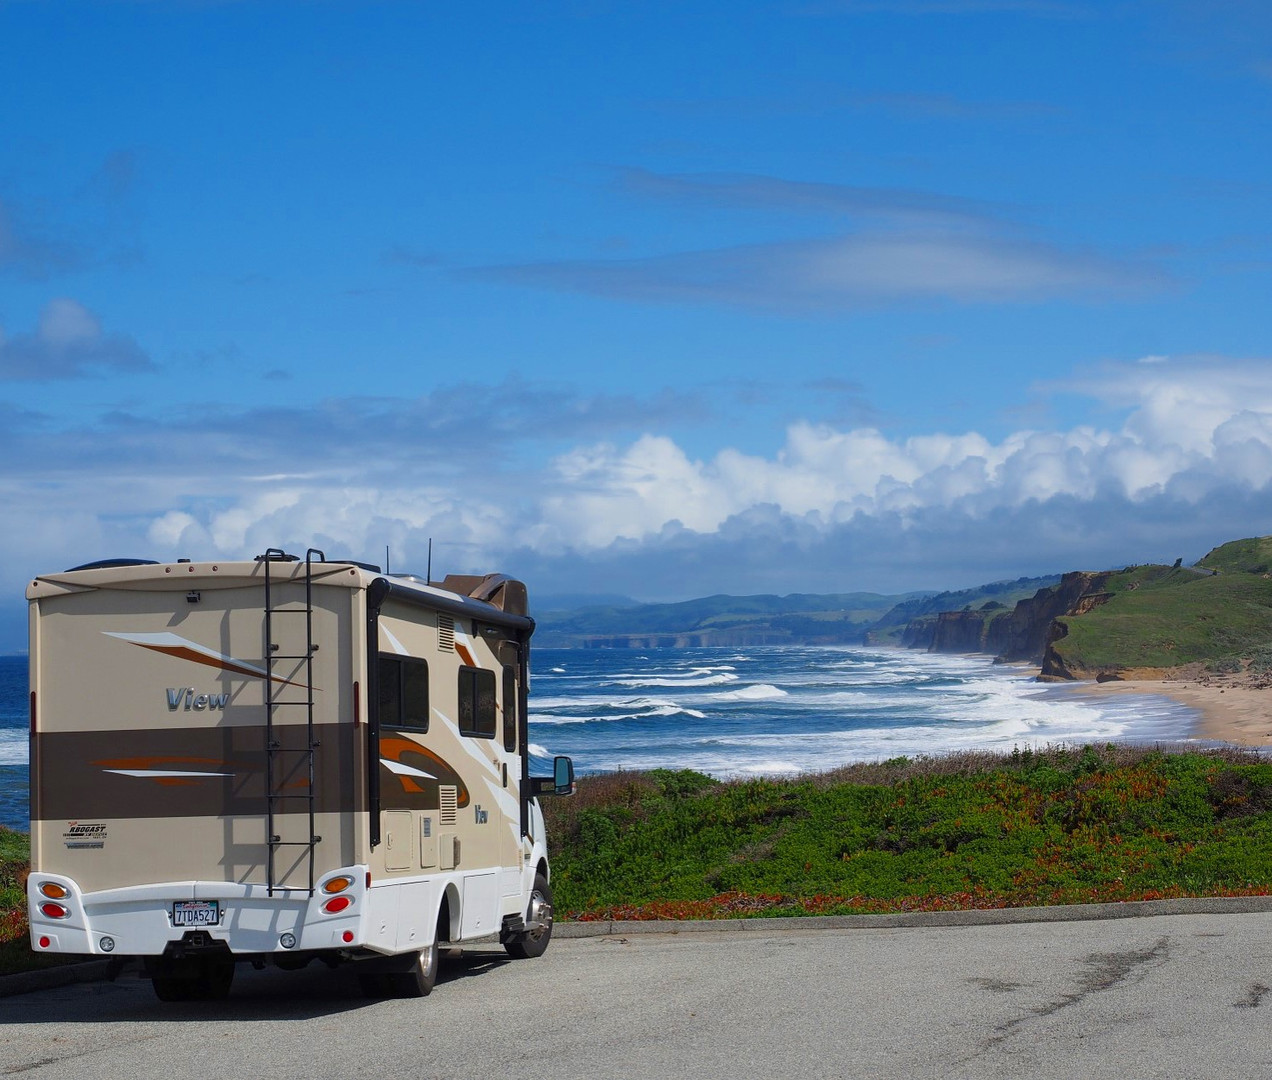 Ocean Camping